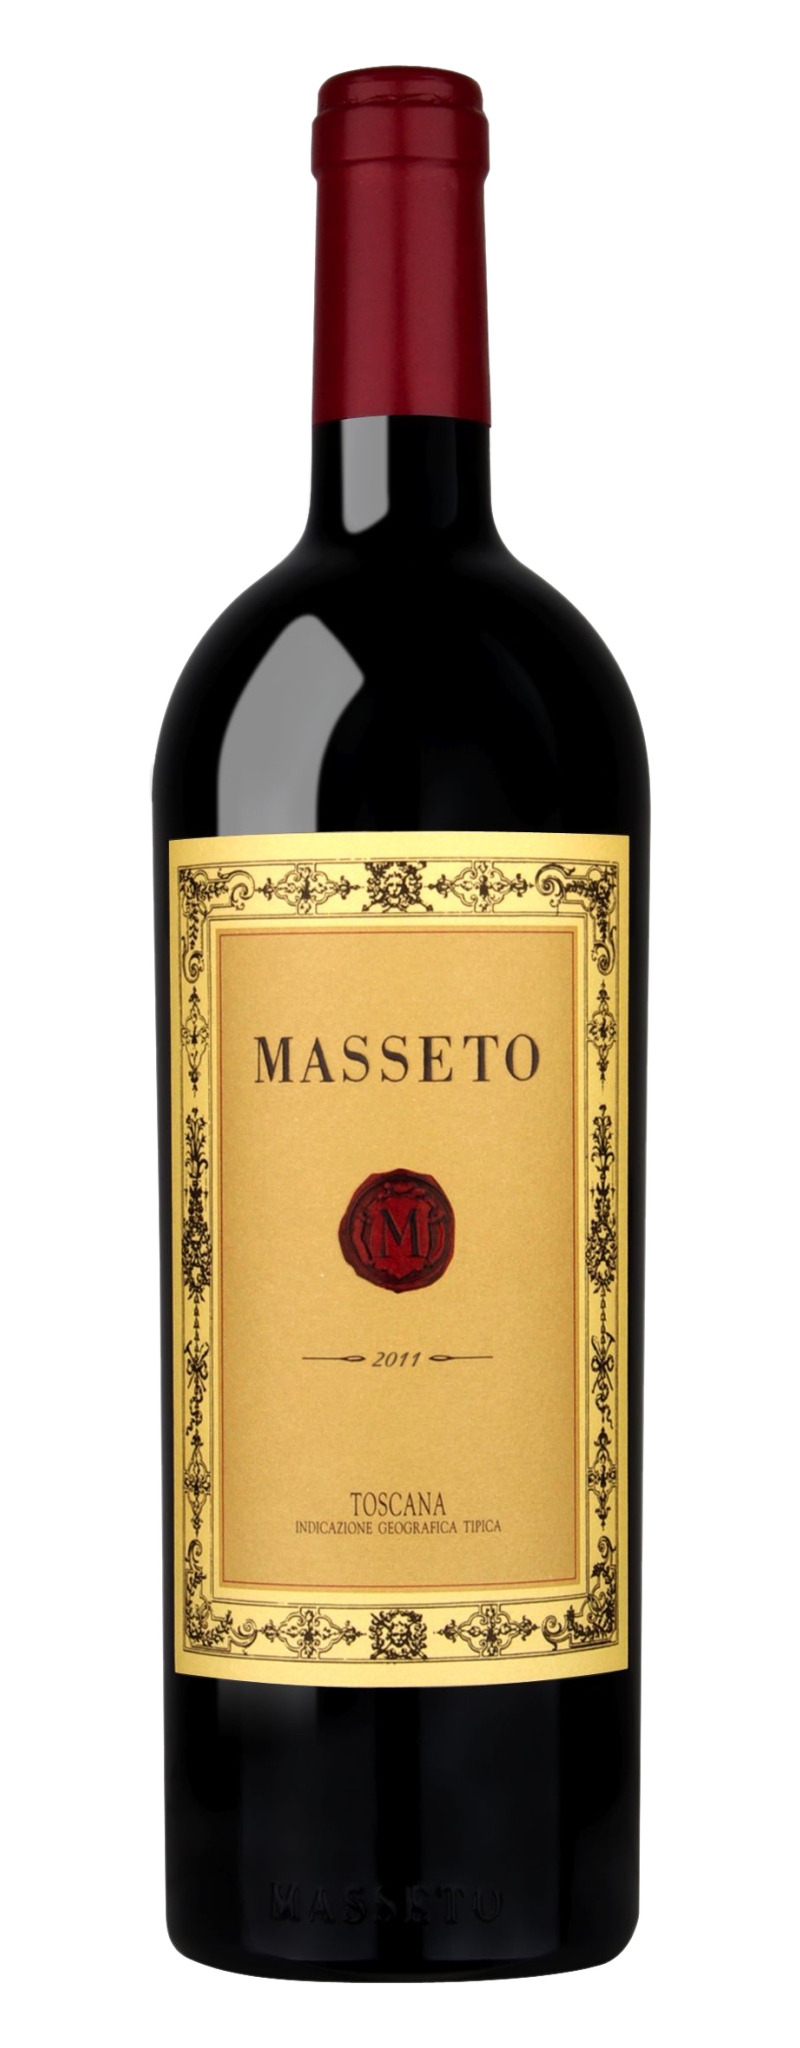 Masseto 2011  - 750ml